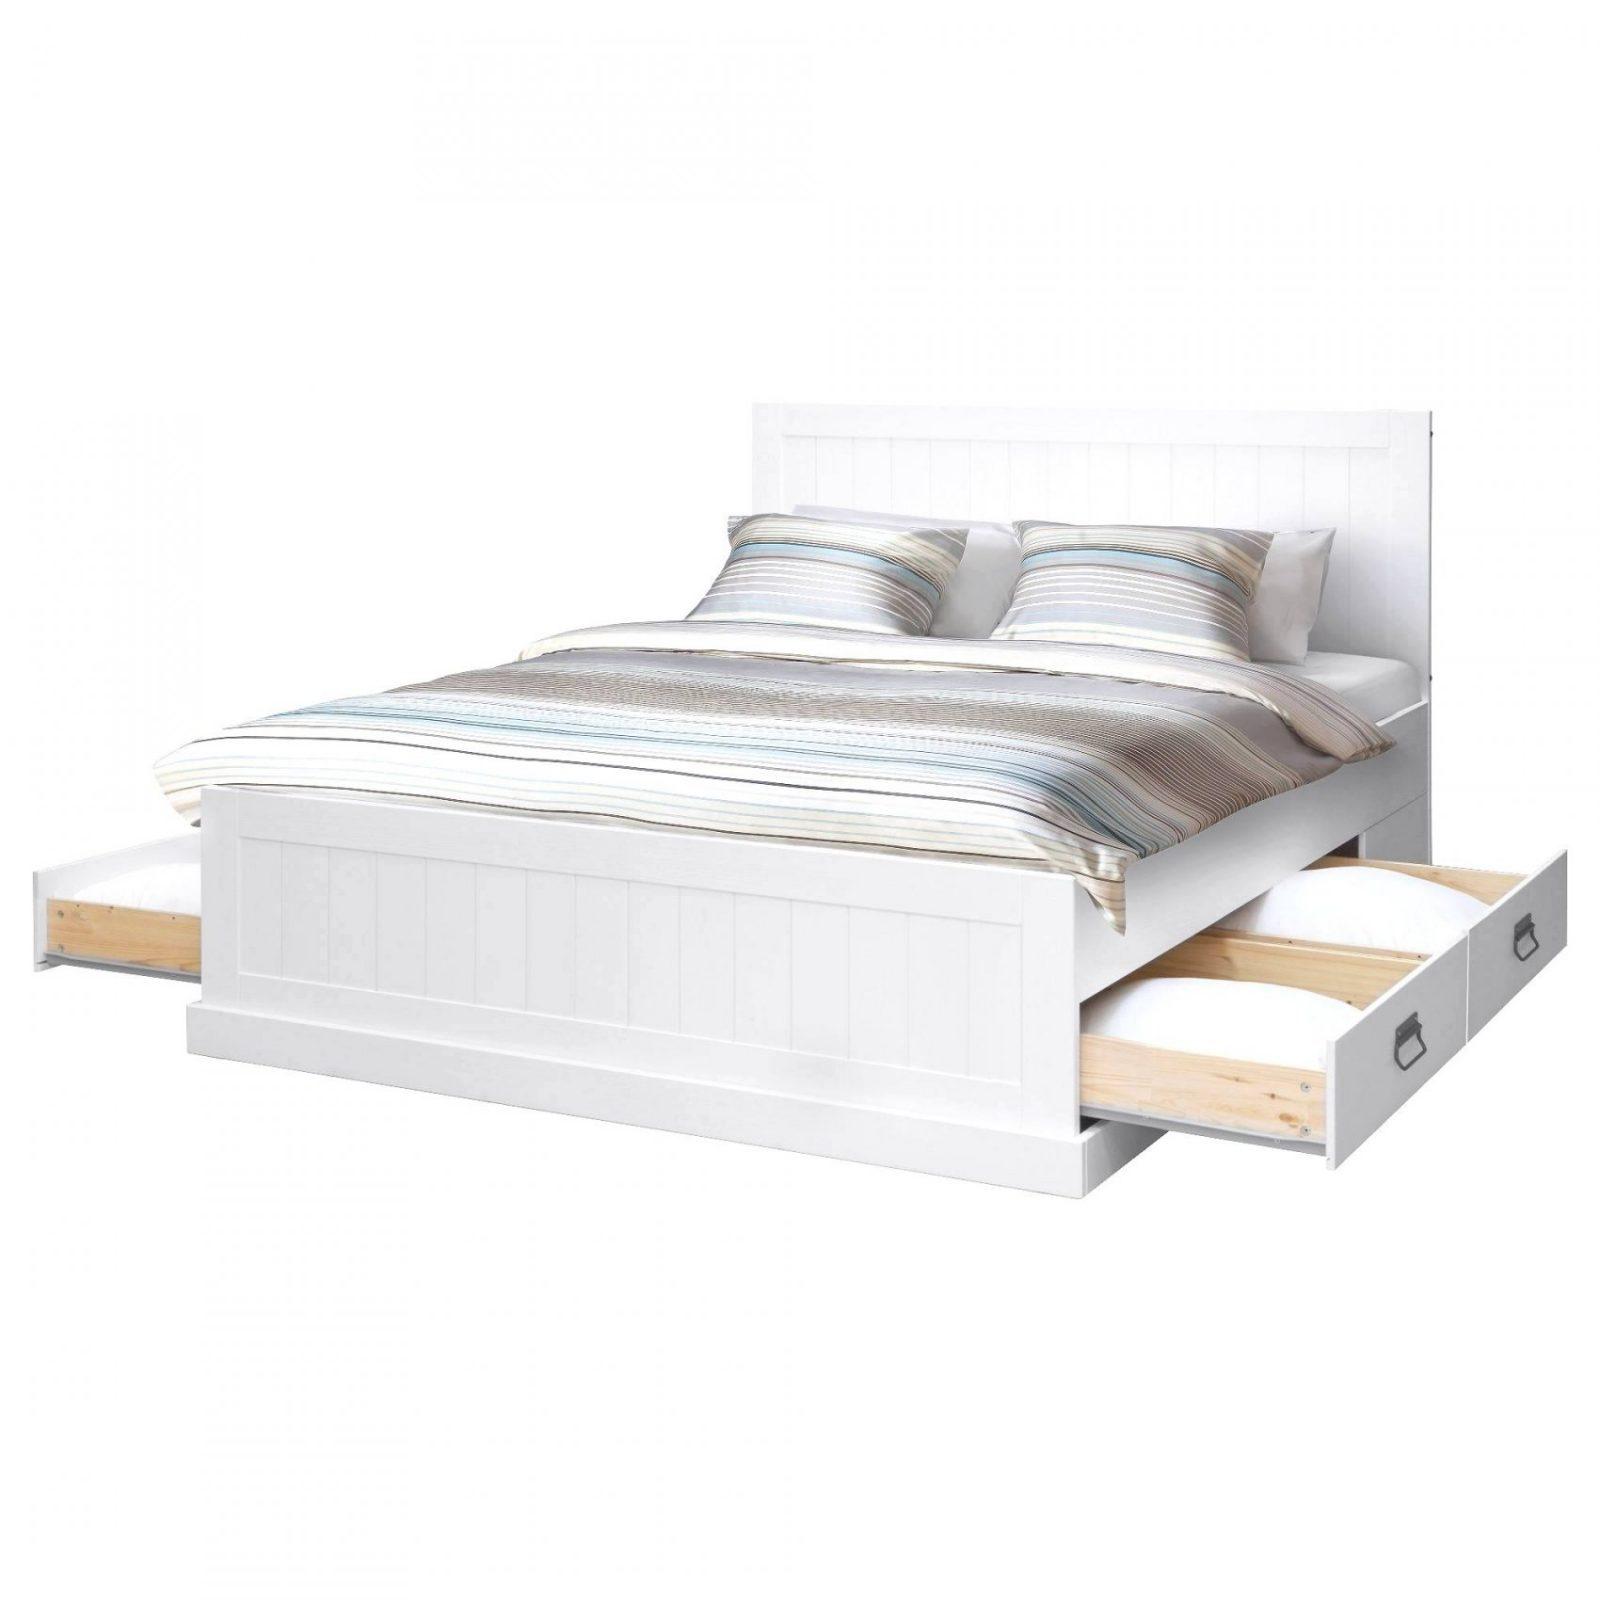 Ikea Betten 120×200 Schön 120 200 Frisch Sehr Gehend Od Throughout von Bett Mit Schubladen 120X200 Photo